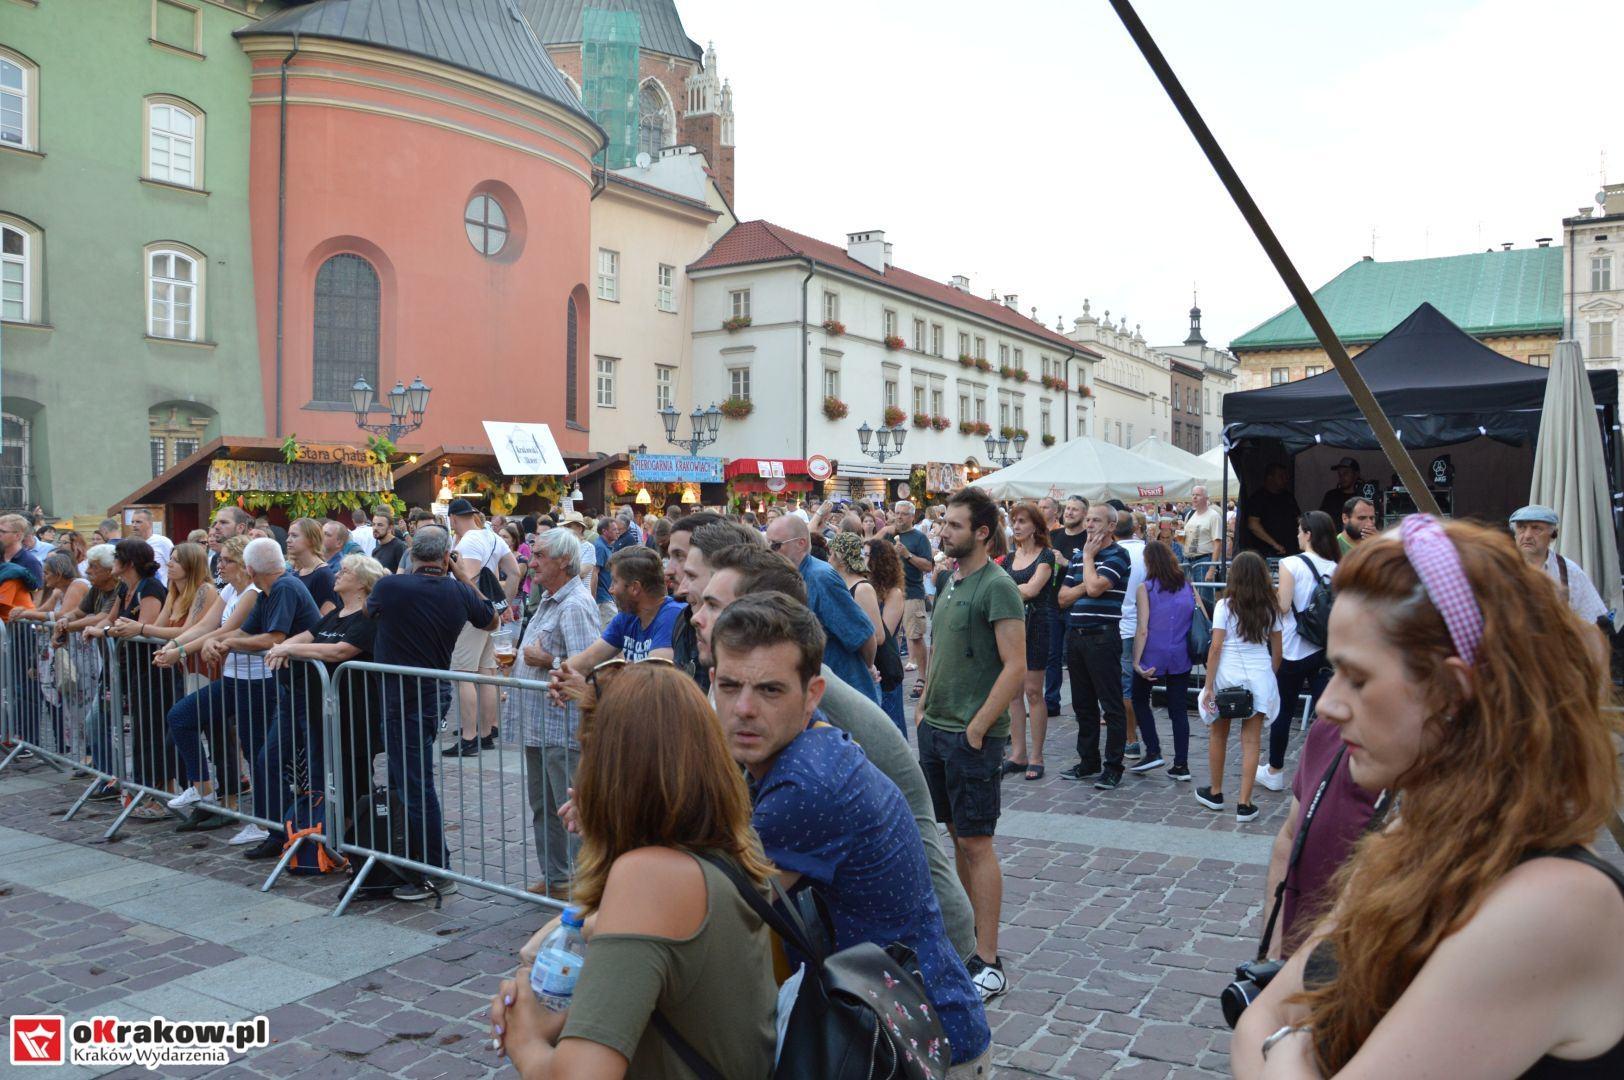 krakow festiwal pierogow maly rynek koncert cheap tobacco 124 150x150 - Galeria zdjęć Festiwal Pierogów Kraków 2018 + zdjęcia z koncertu Cheap Tobacco